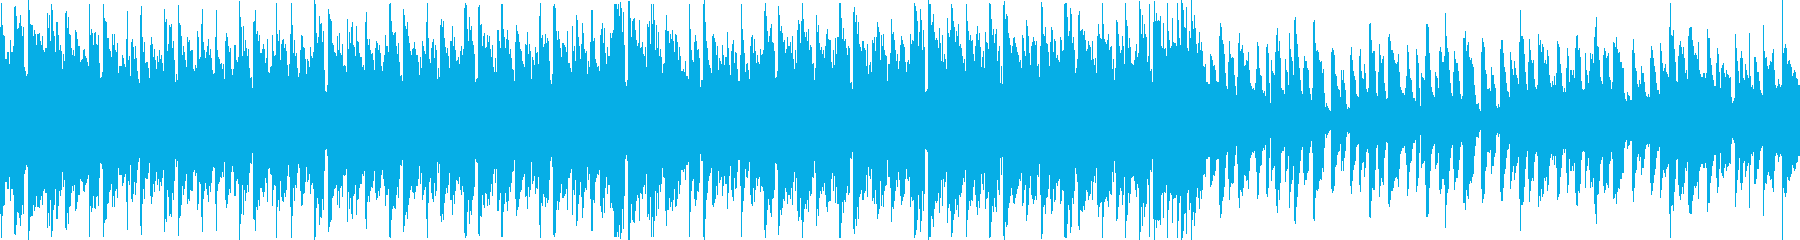 【コーラスなし/ループ】EDMアンセムの再生済みの波形